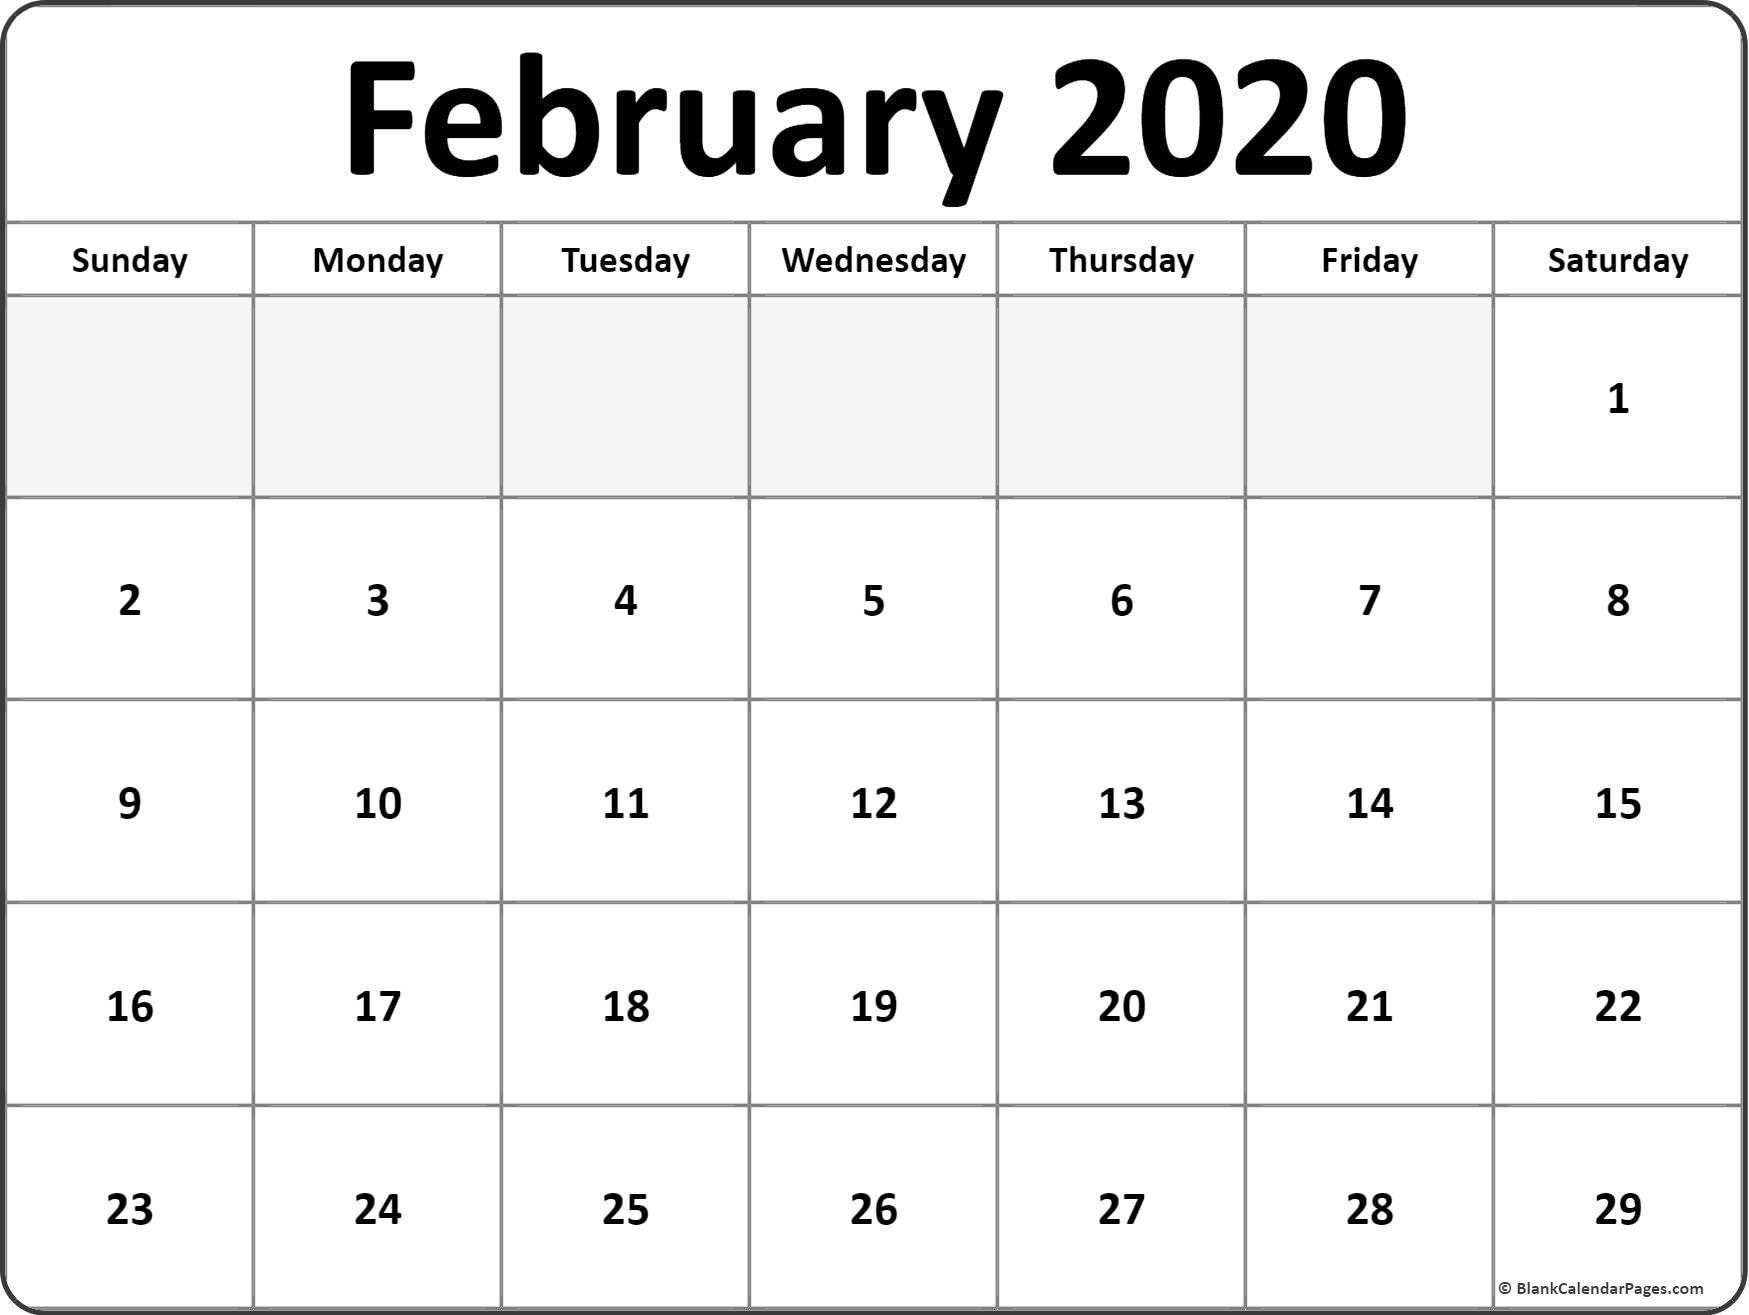 February 2020 Blank Calendar Templates.